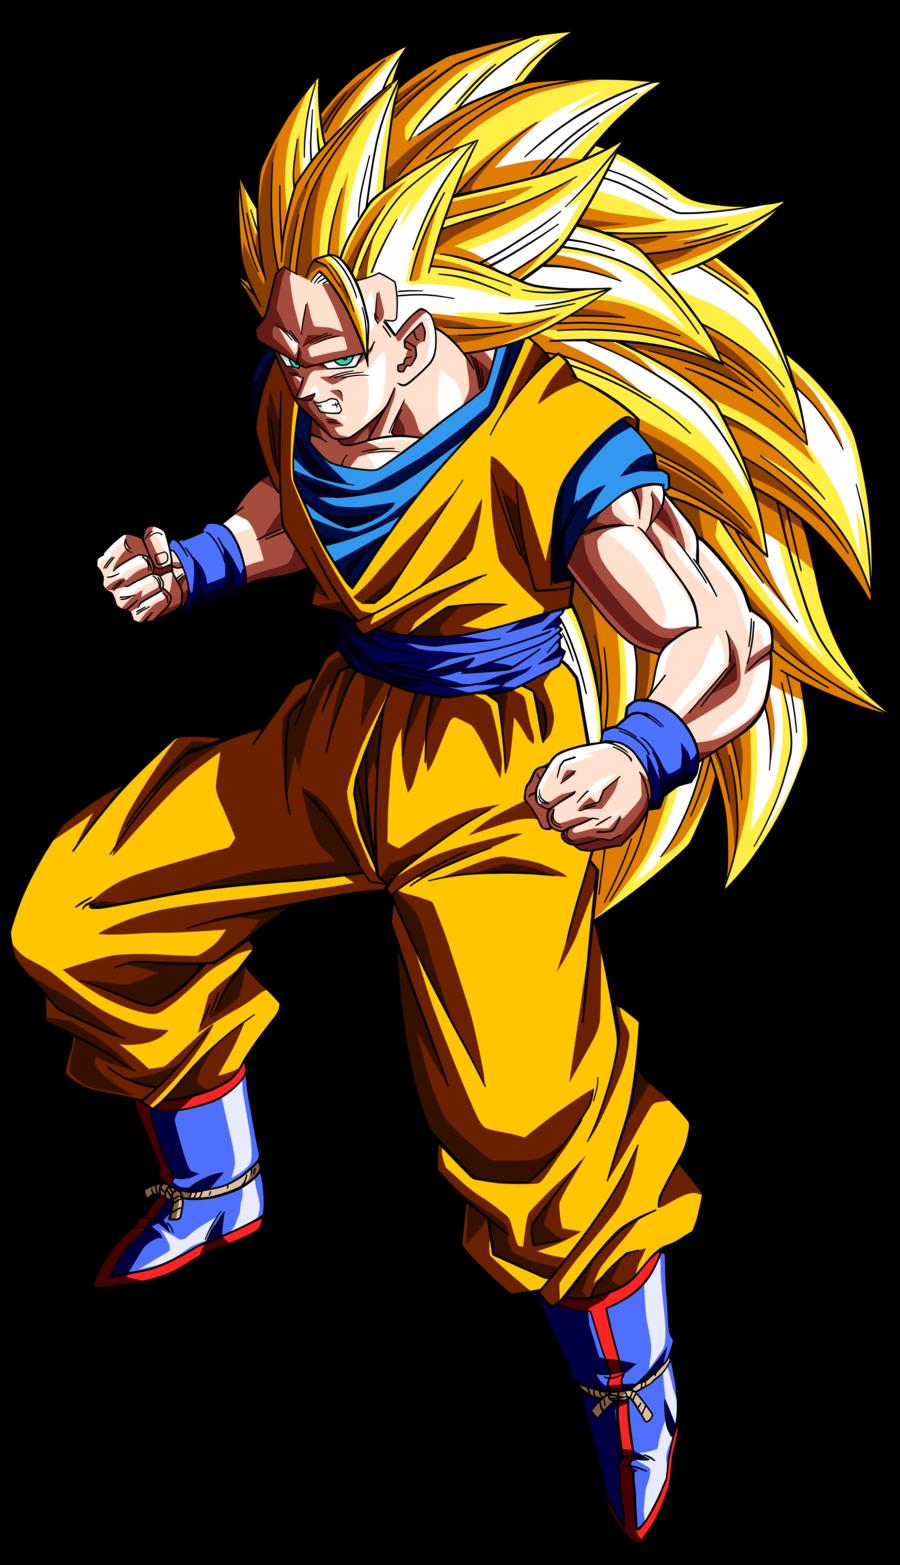 Goku Super Saiyan 4 Kamehameha X10 Goku  dbtng Goku Super Saiyan 4 Kamehameha X10